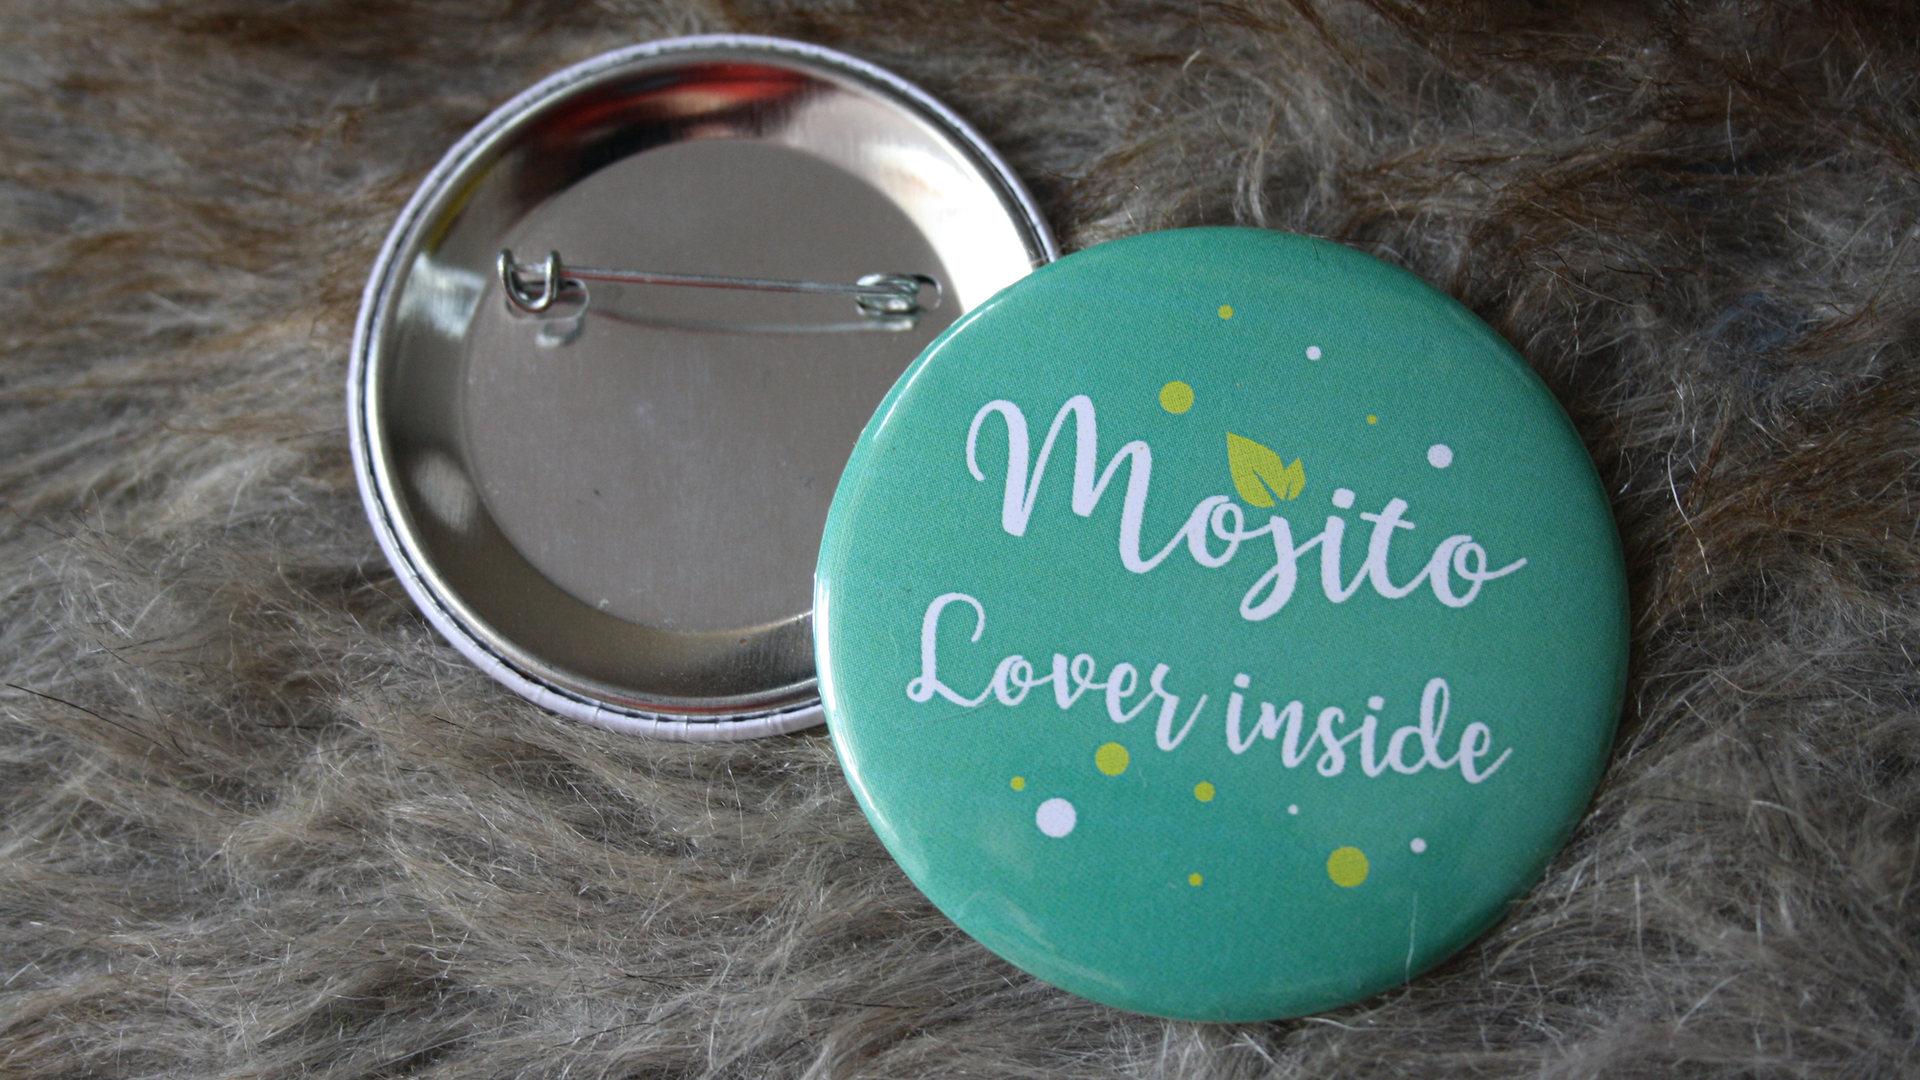 Mojito lover